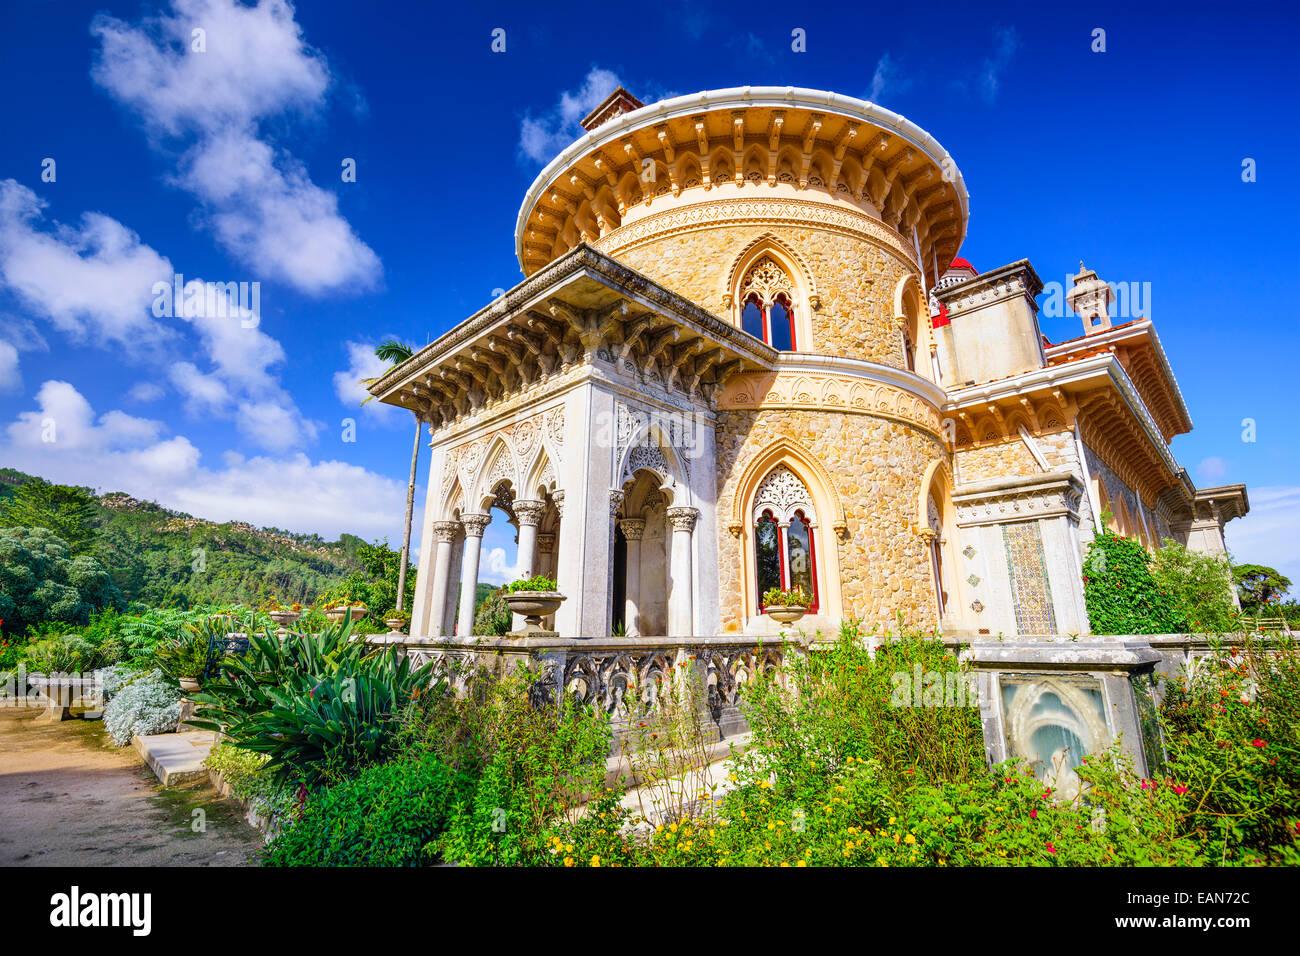 En Sintra (Portugal), el Palacio de Monserrate. Imagen De Stock